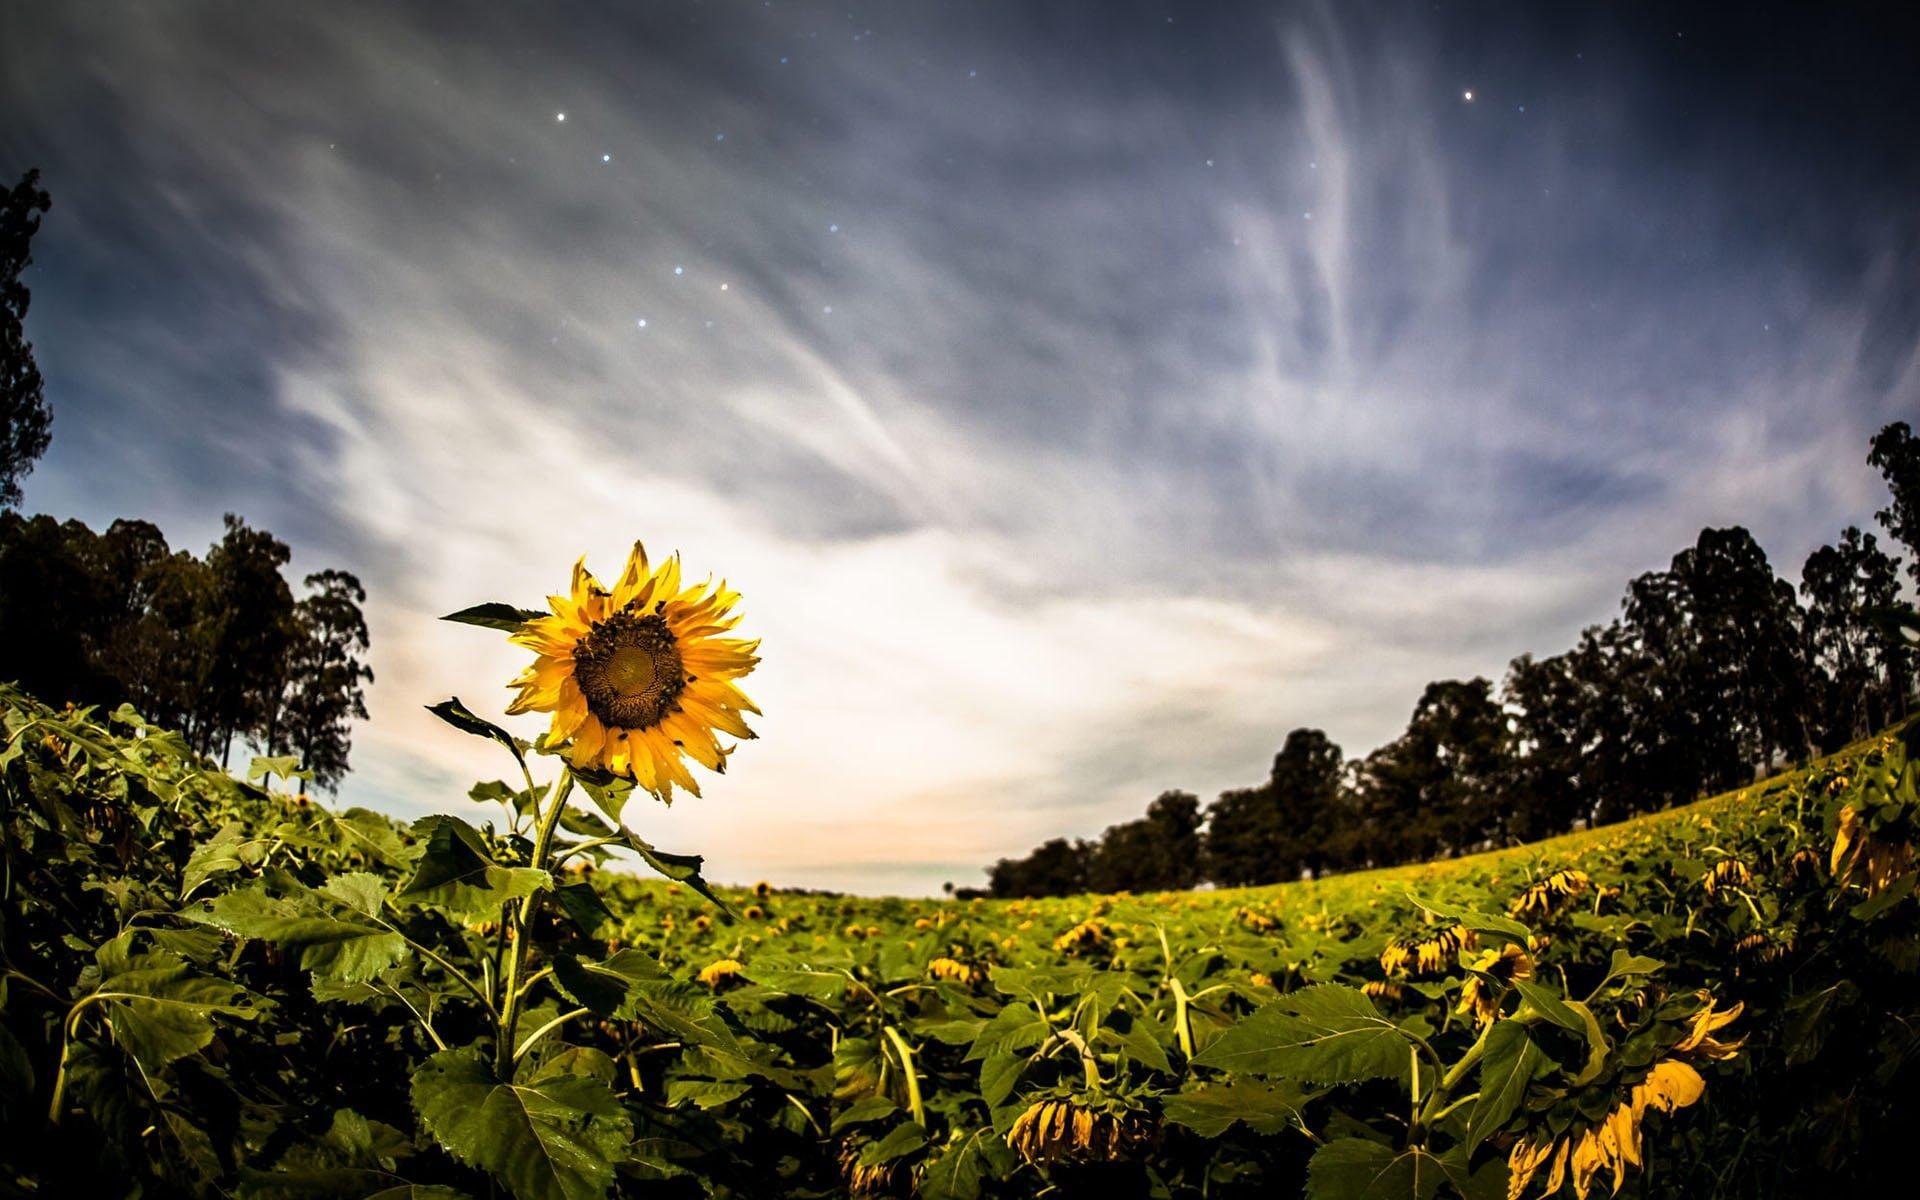 Ayçiçeği Yıldızlı Gece